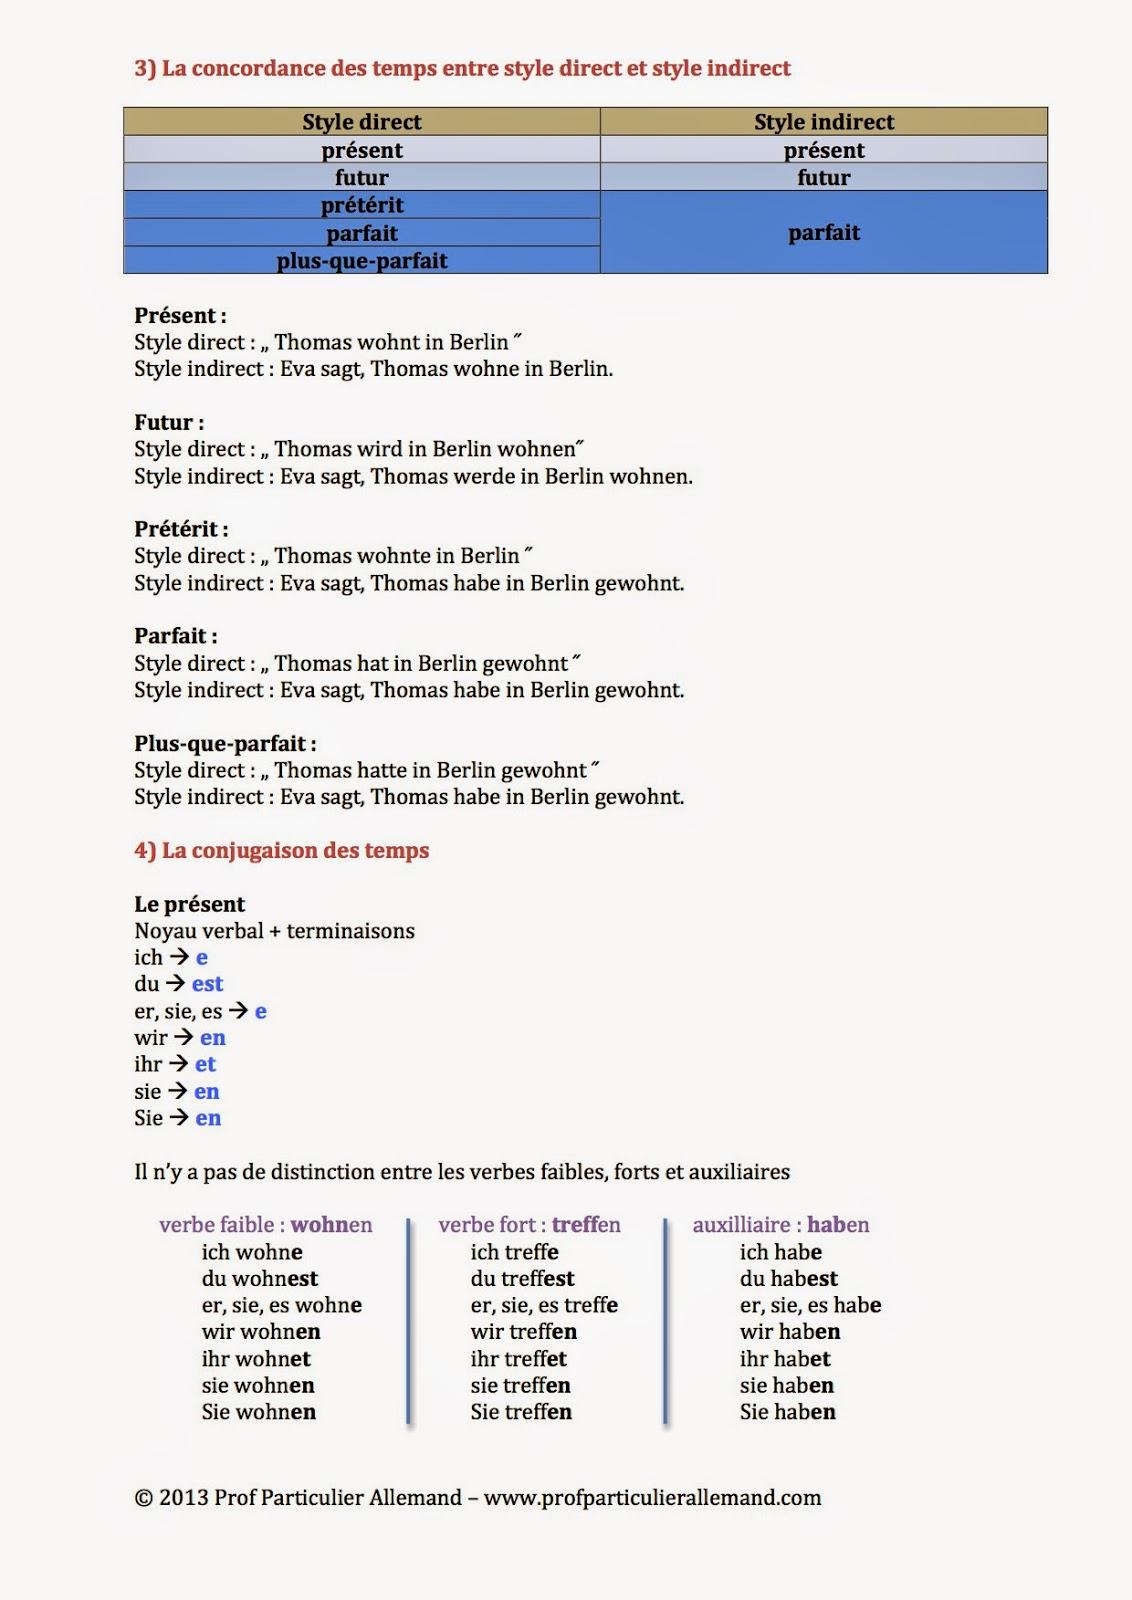 Cours Formations En Allemand Paris Conjugaison Le Subjonctif 1 Ou Style Indirect